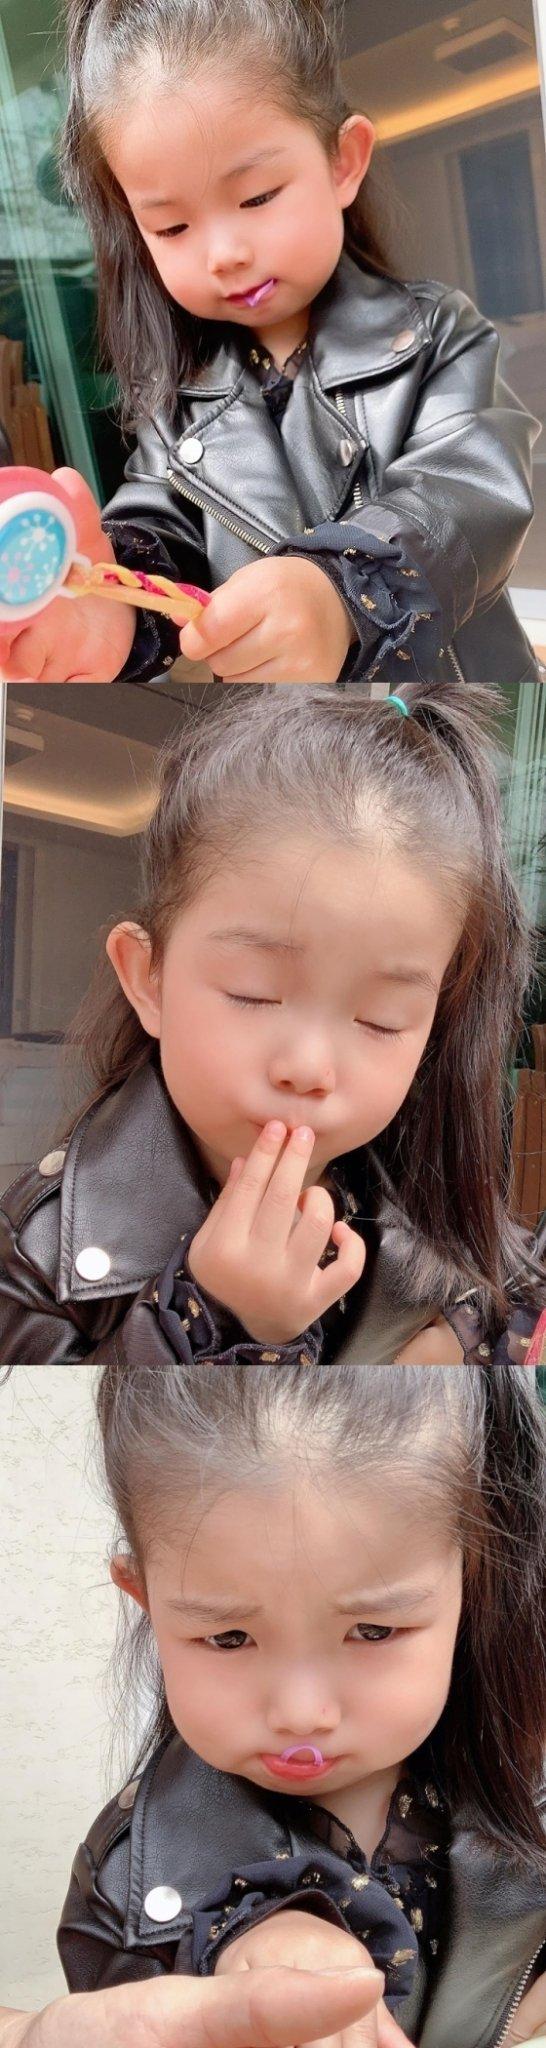 /사진=소이현 인스타그램 (인소은 양)